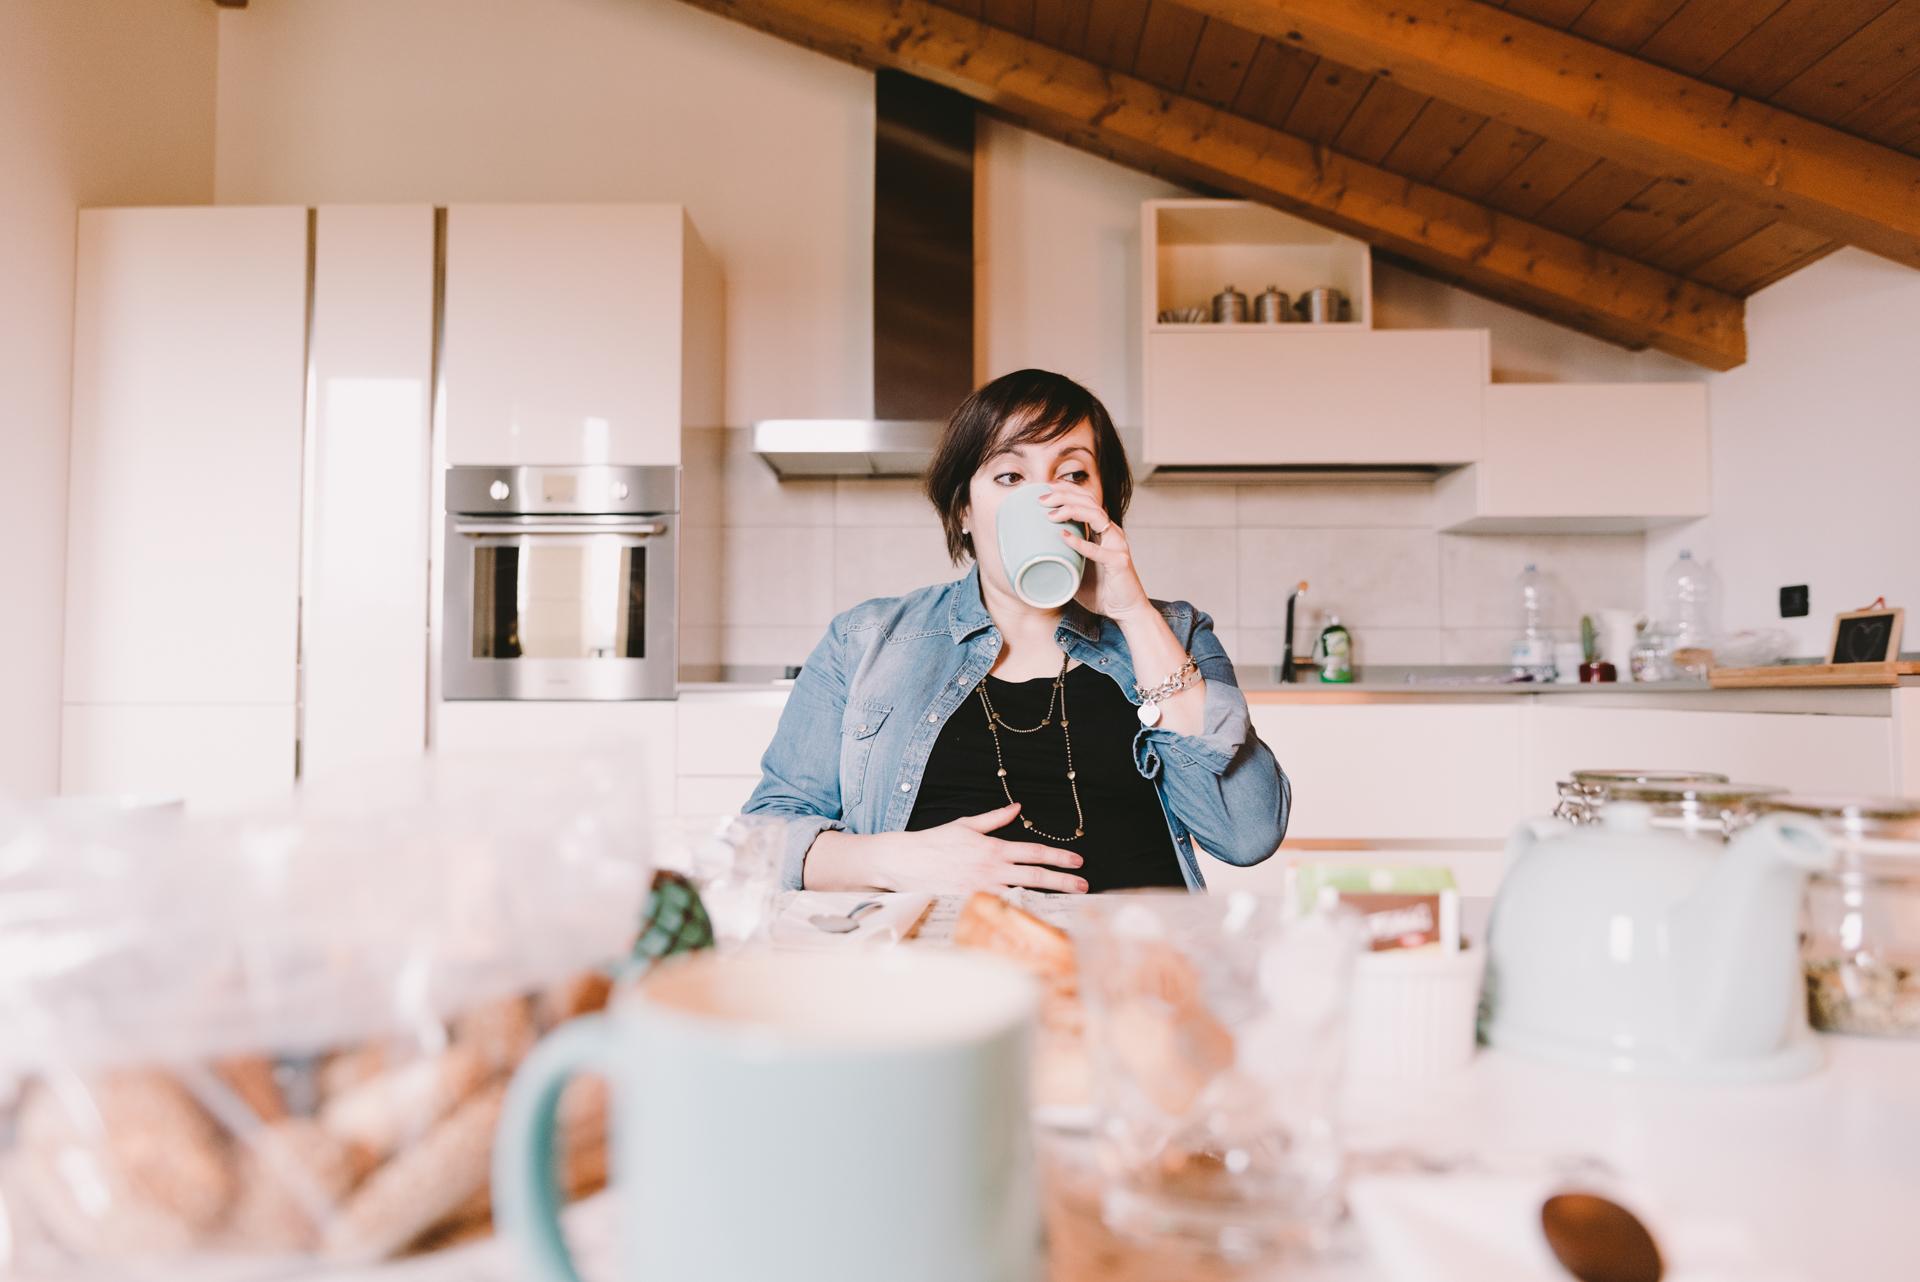 fotografa di famiglia, the, cucina